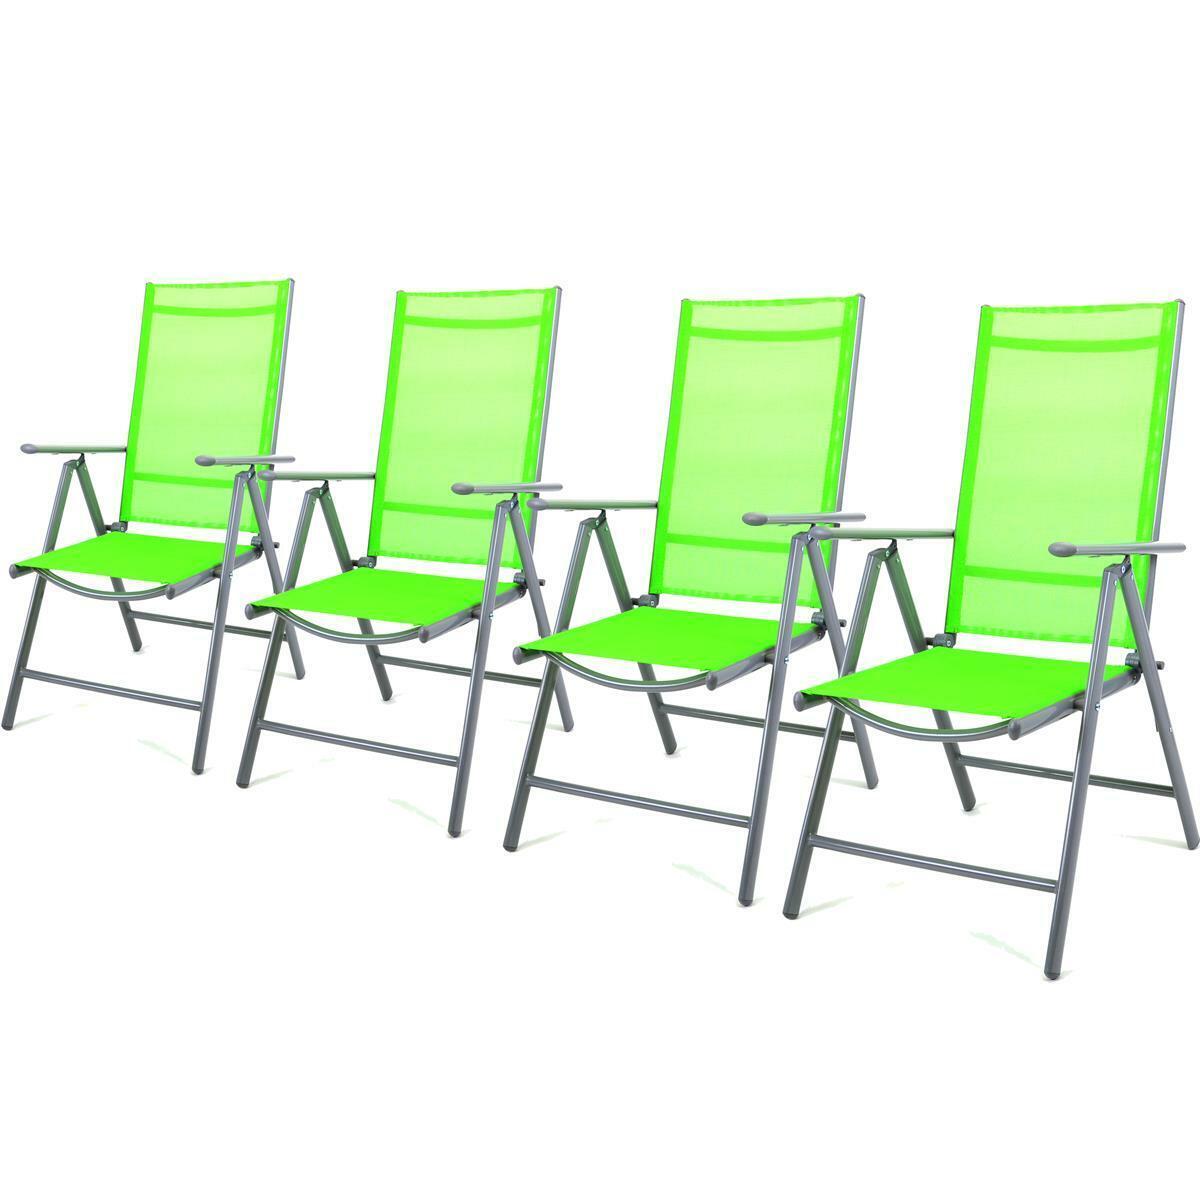 4er set silla plegable de aluminio silla de jardín silla de camping Textilene verde terraza